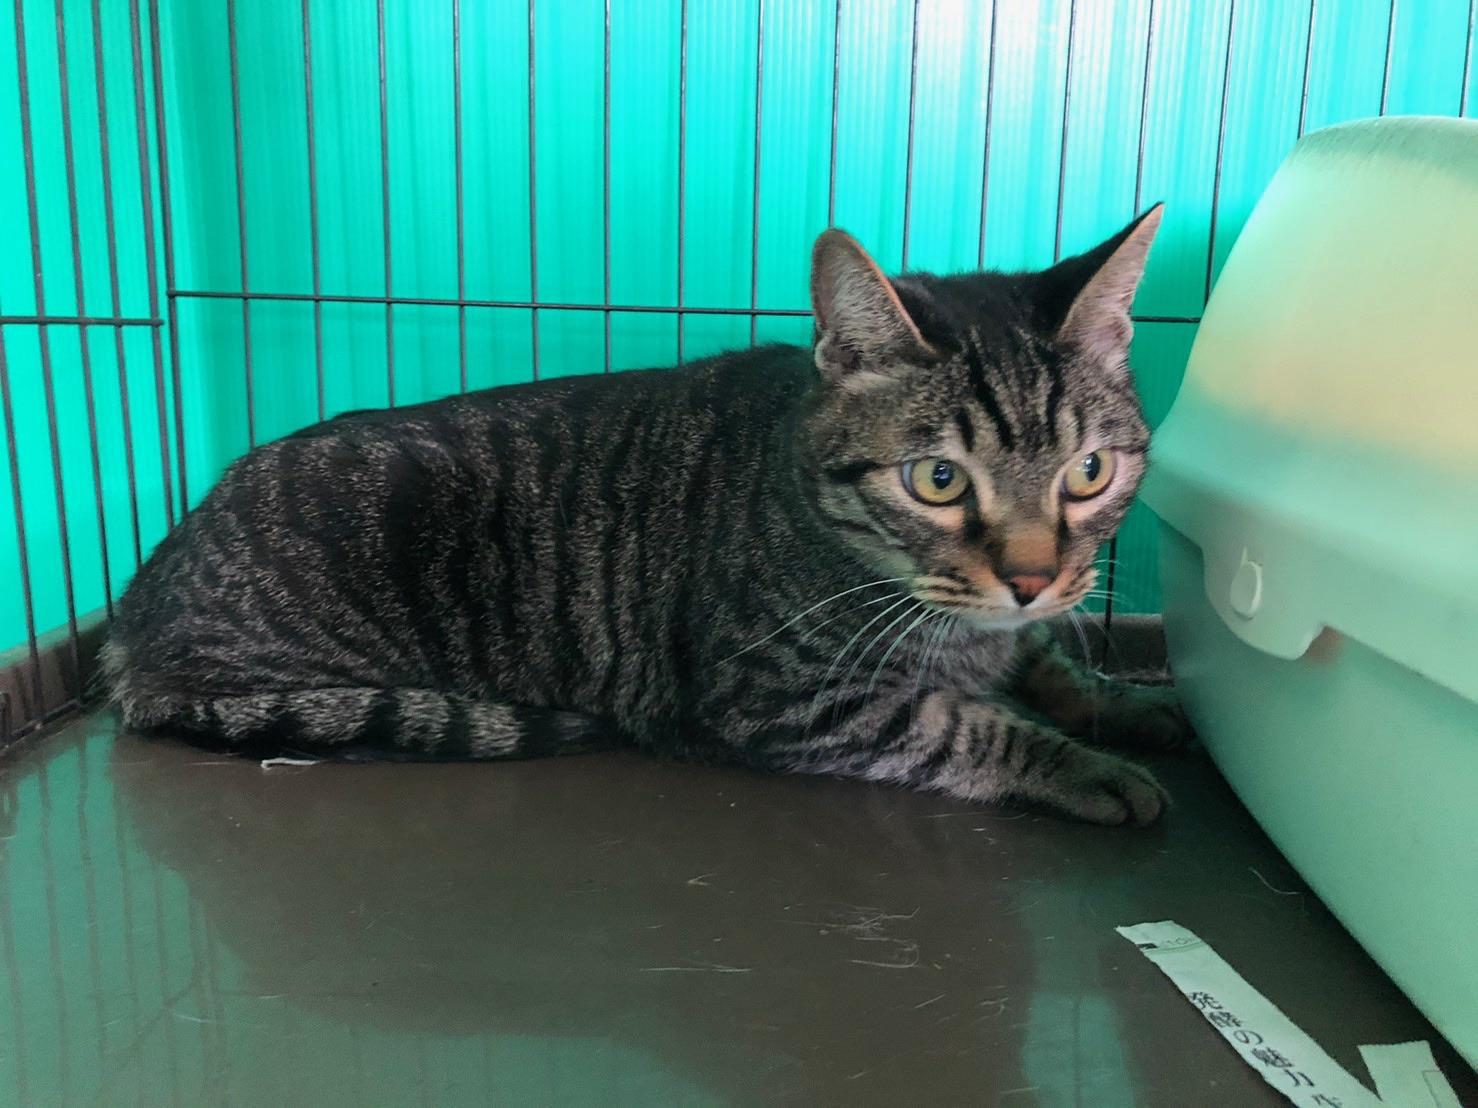 <ul> <li>猫種:日本猫</li> <li>性別:男の子</li> <li>名前:カイ</li> <li>年齢:2013年12月10日</li> <li>保護経緯:飼い主様が転勤のため飼育困難になり保護しました。</li> </ul>